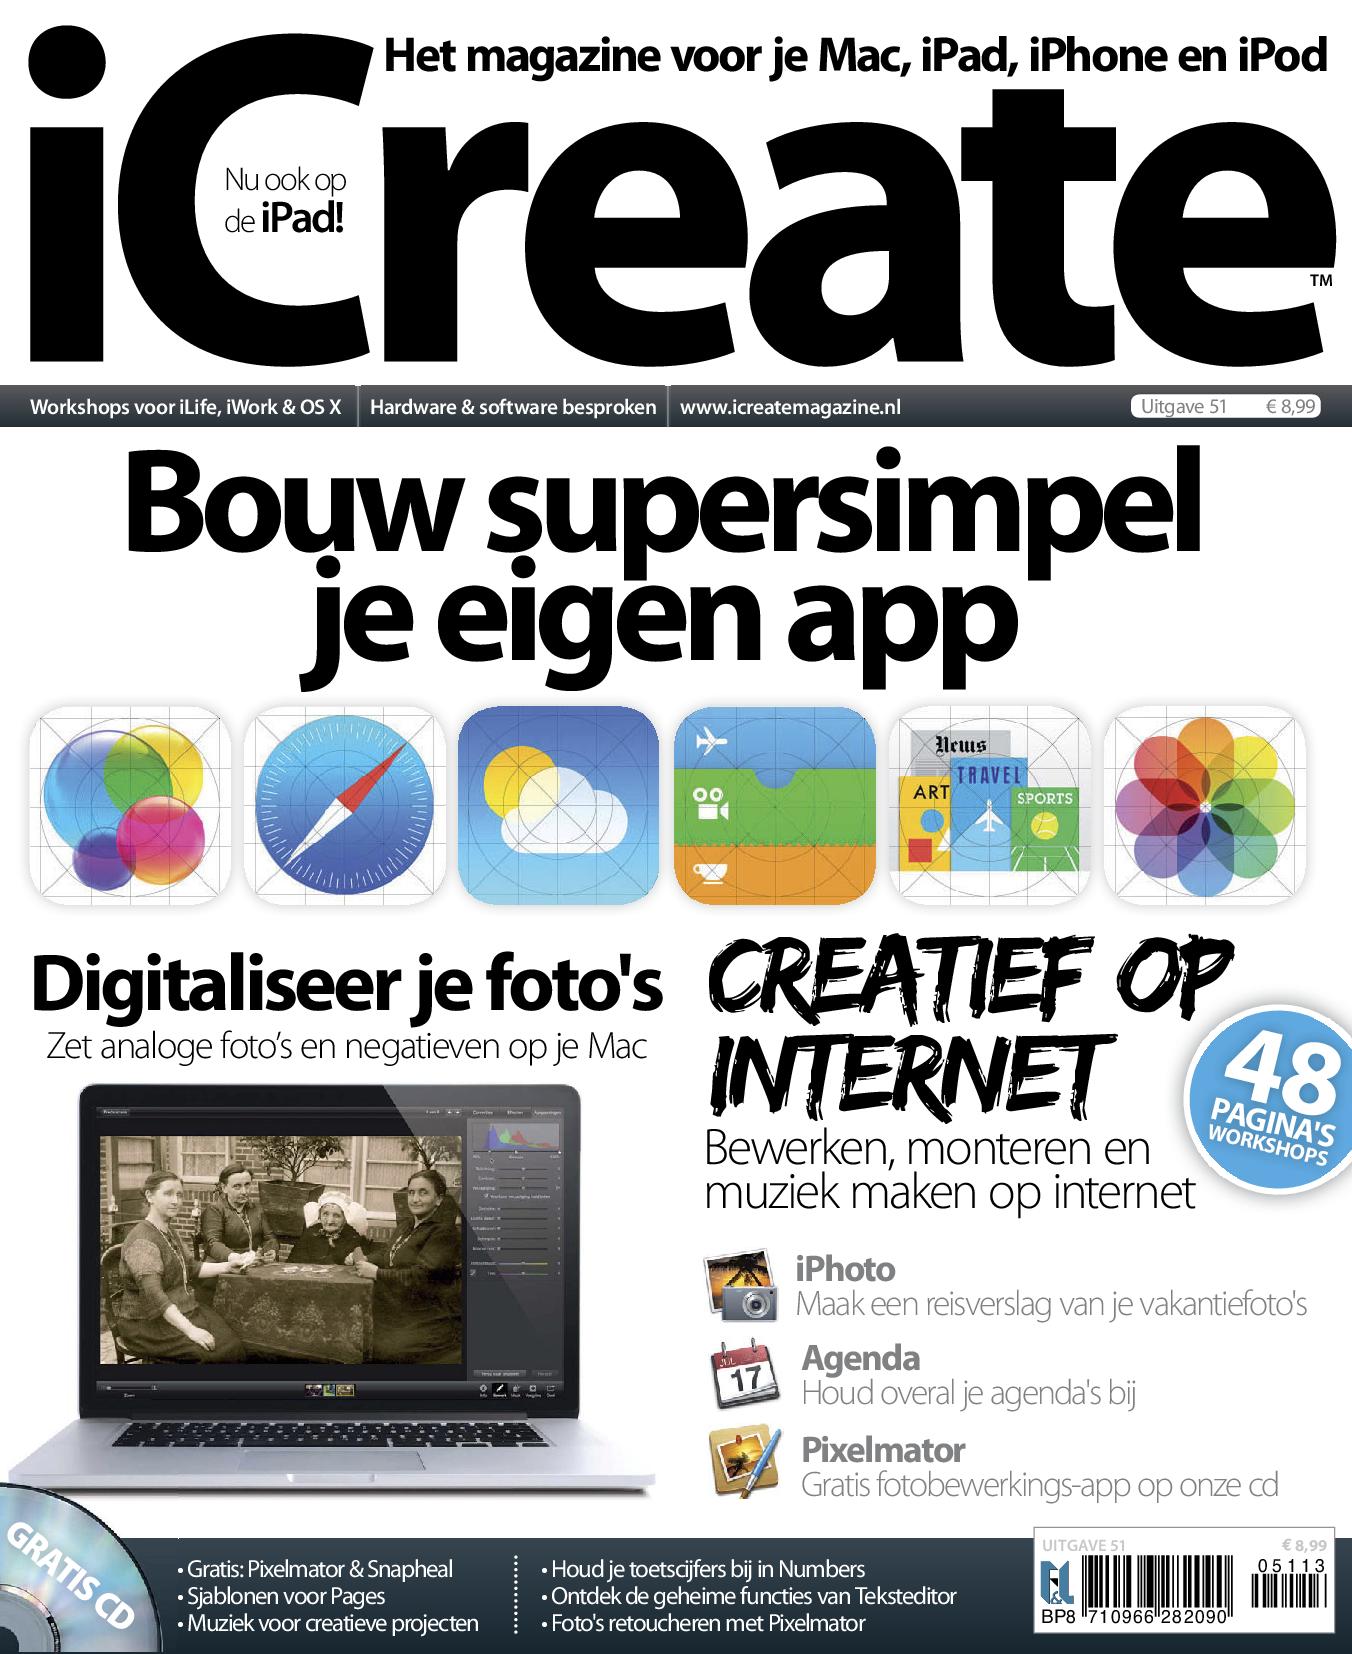 Bouw supersimpel je eigen app, zet analoge foto's en negatieven op je Mac en leer bewerken, monteren en muziek maken op internet met iCreate 51. #eMagazine te downloaden via de BrunaTablisto app.